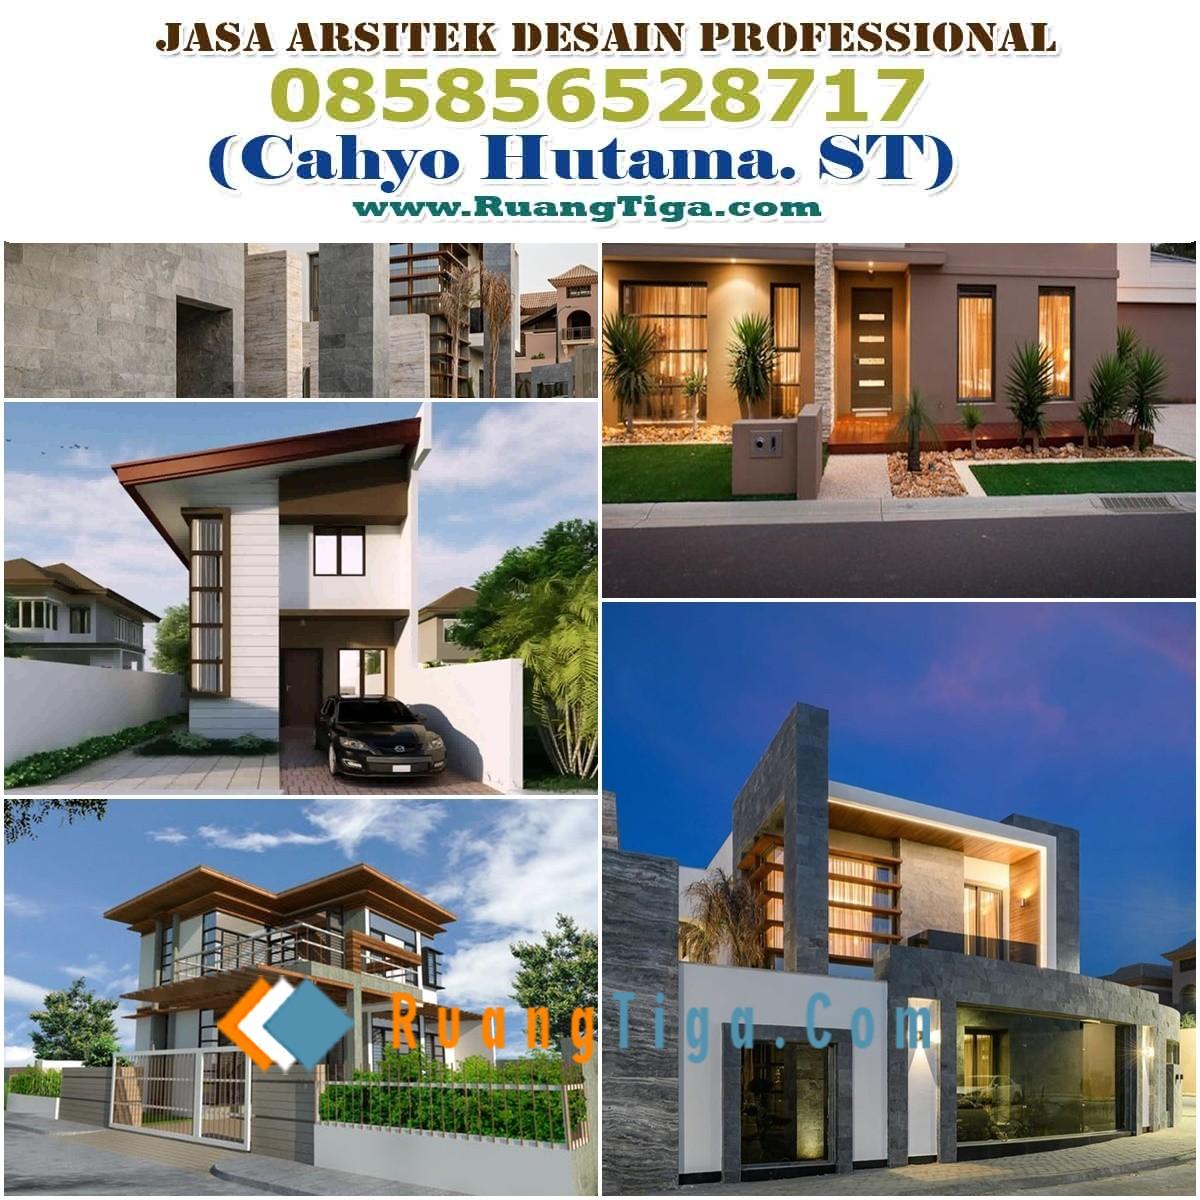 Paket Jasa Desain Arsitek: Jual Desain Rumah Siap Pakai